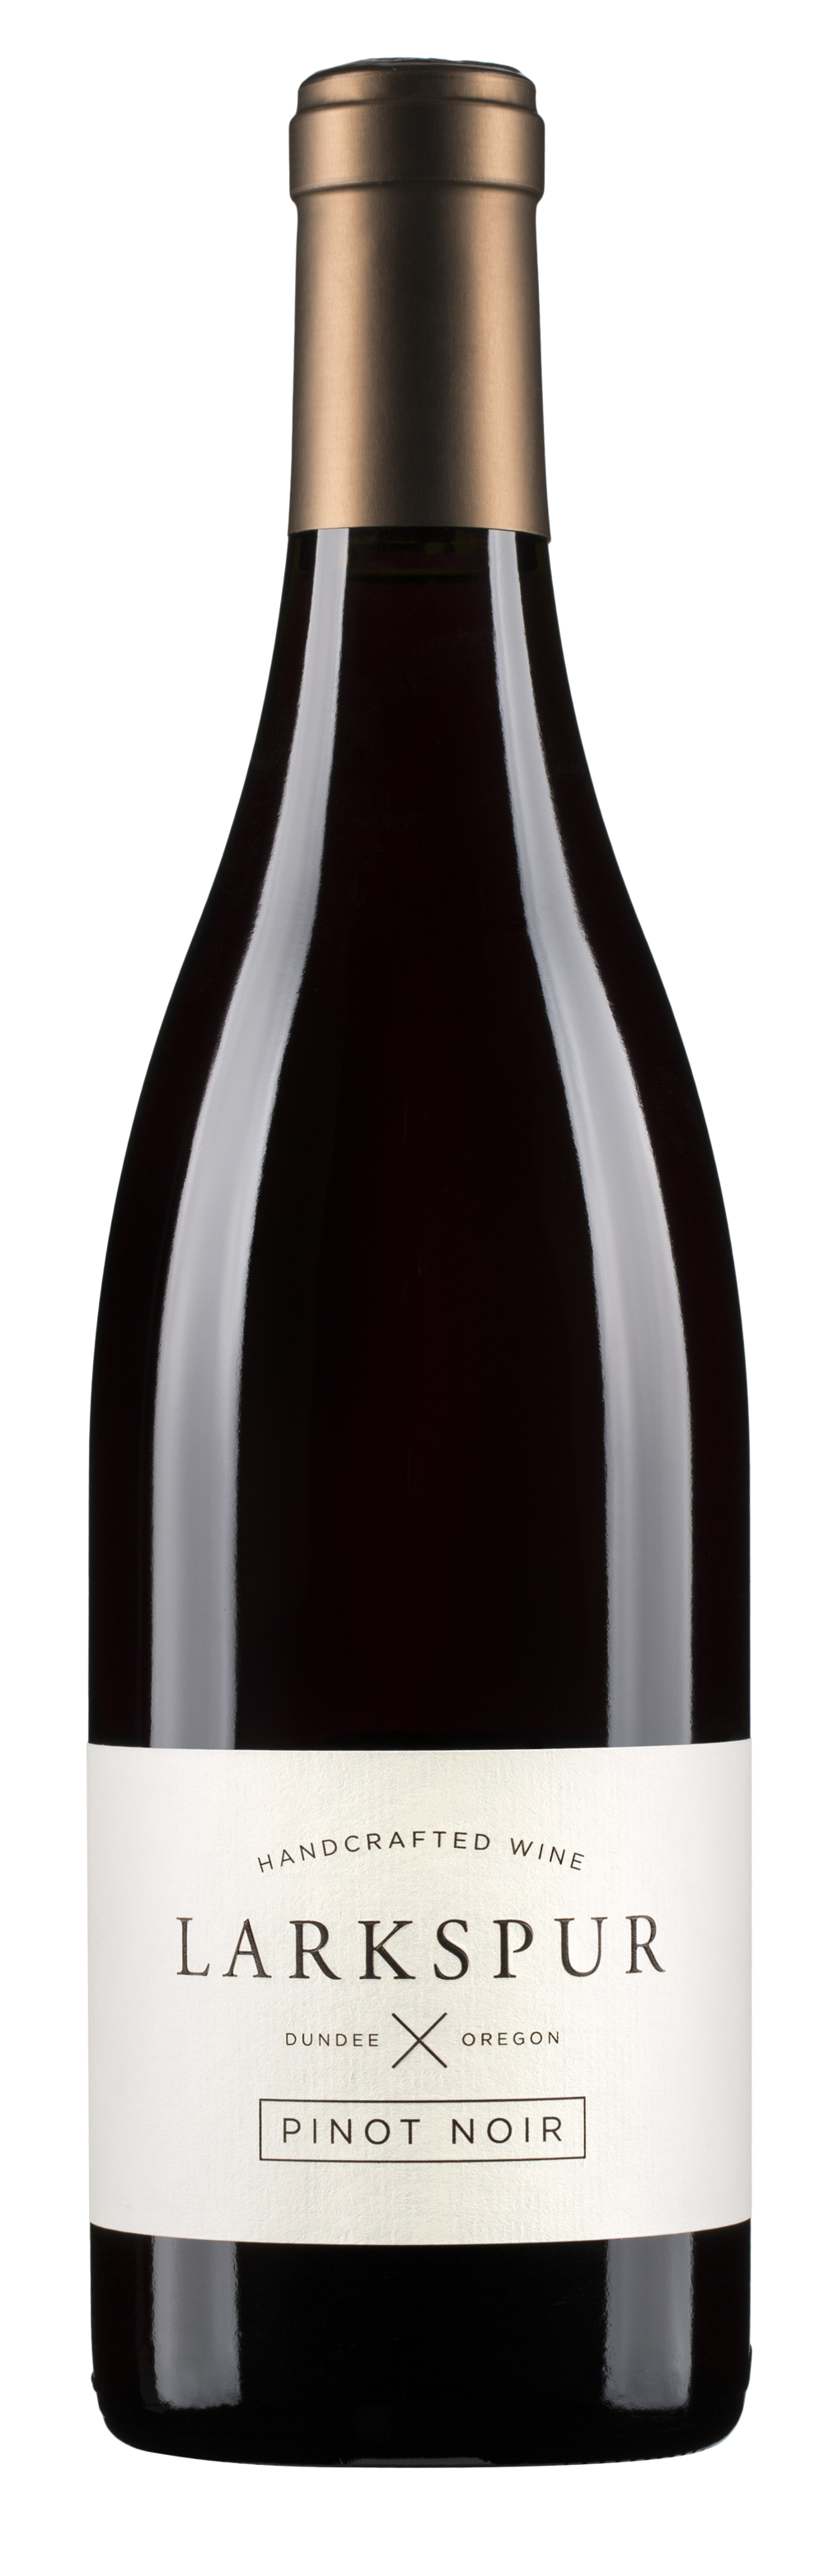 Larkspur Pinot Noir